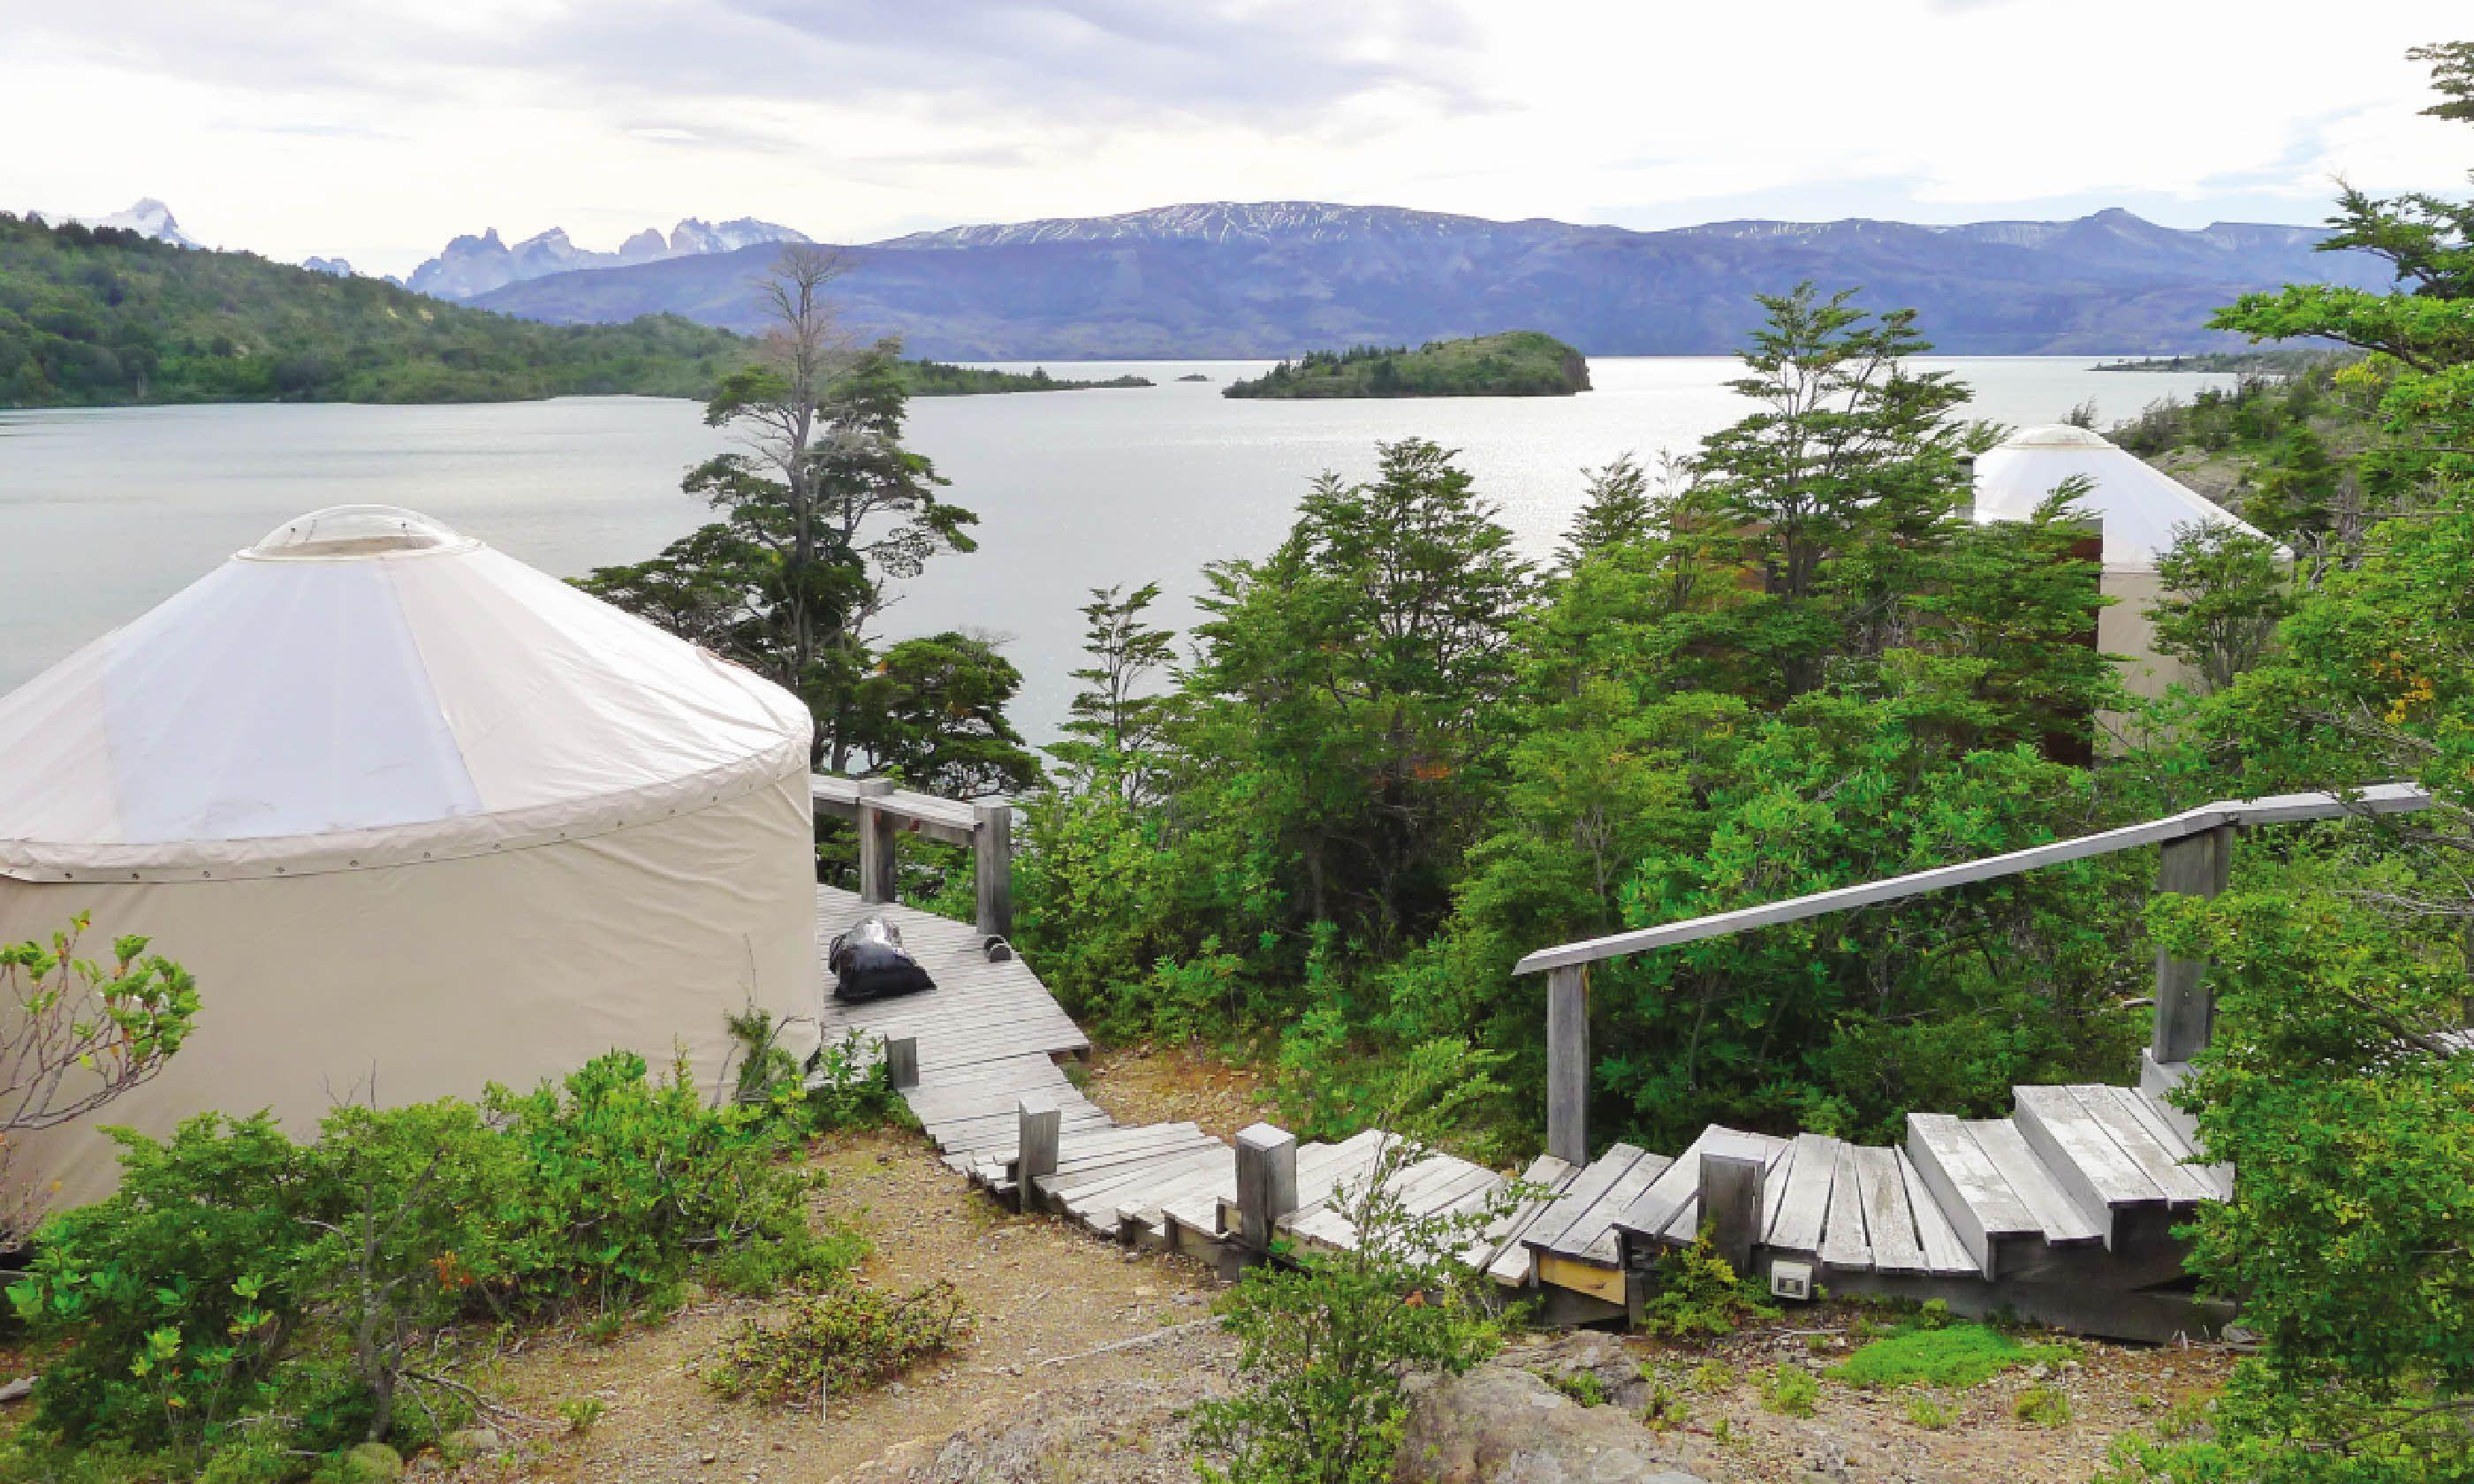 Accommodation at Patagonia Camp